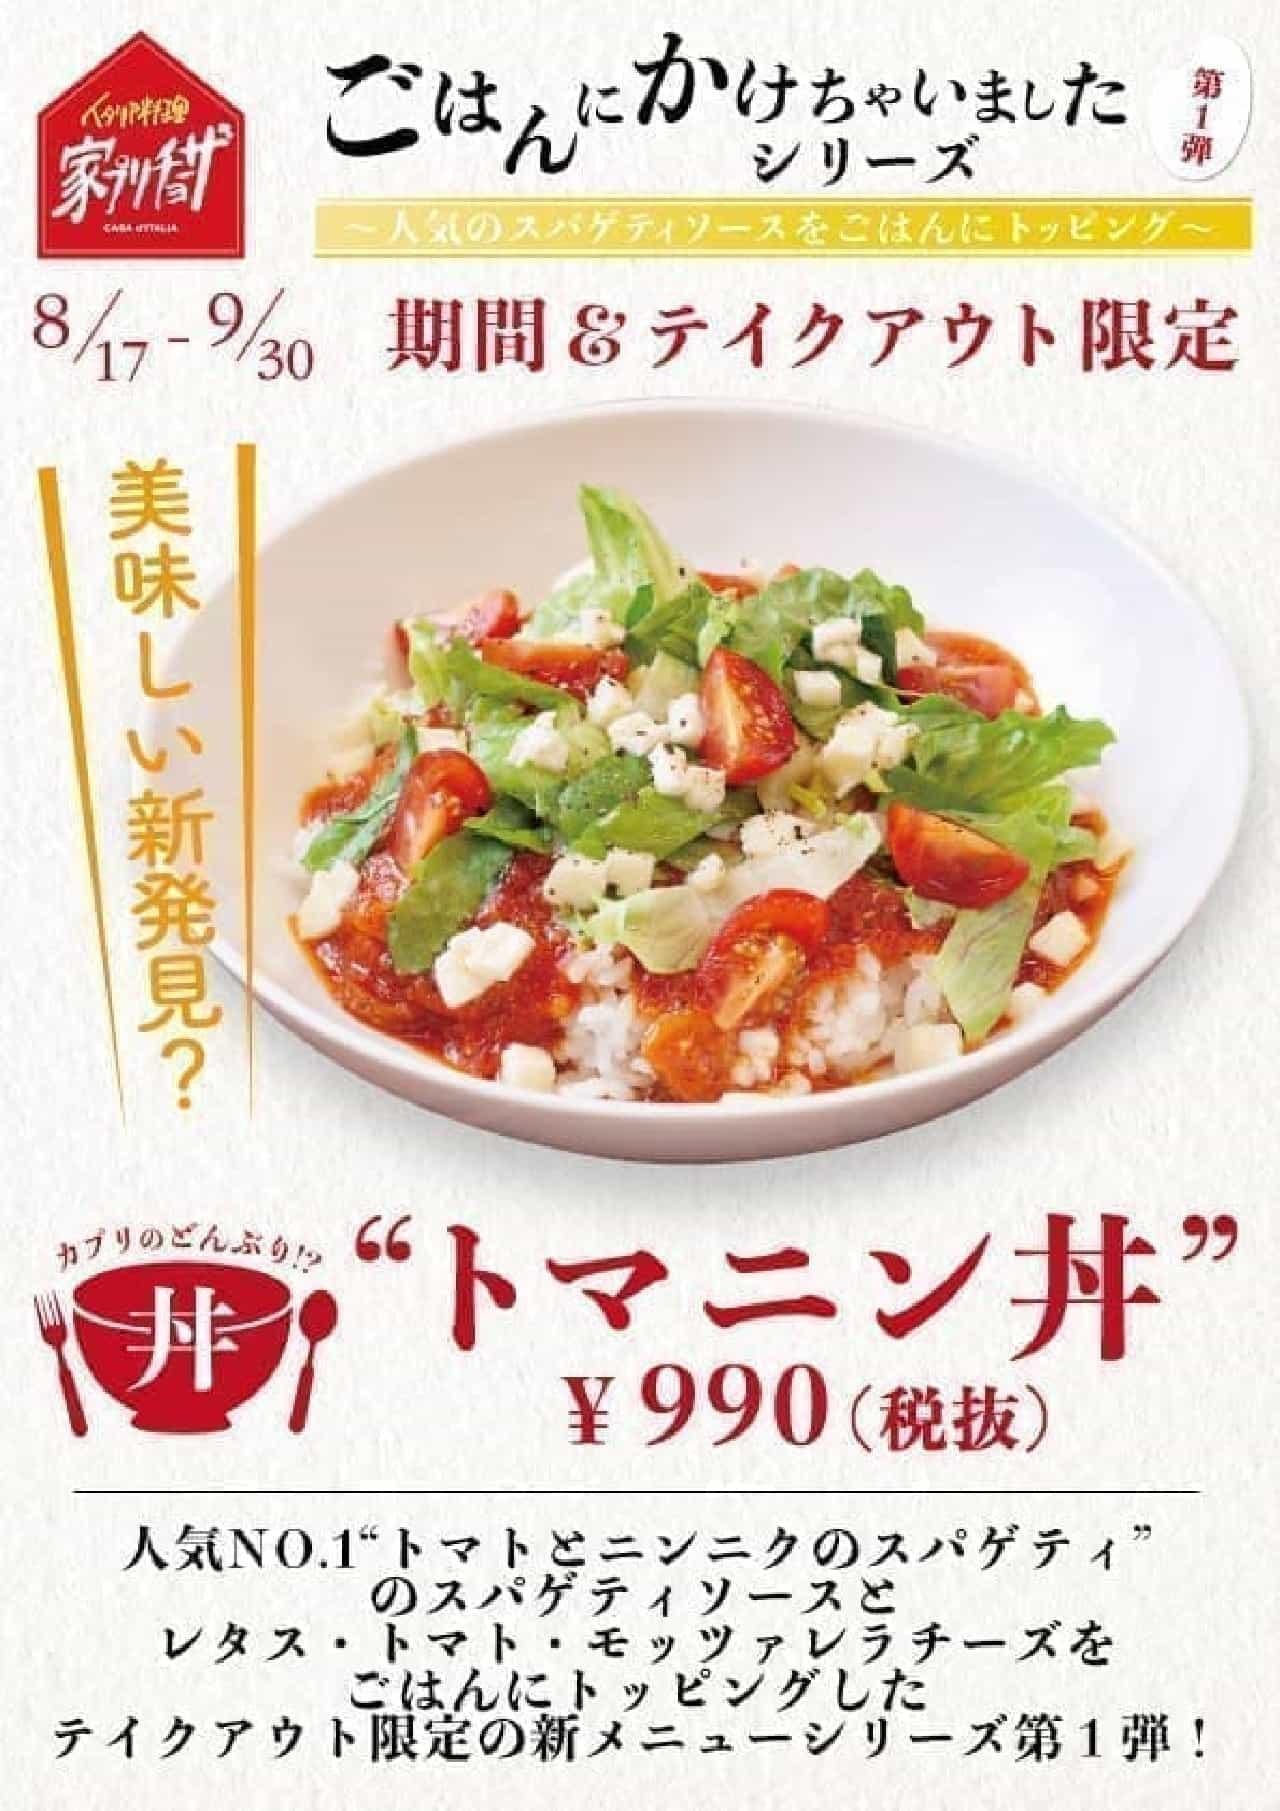 カプリチョーザ「トマニン丼」